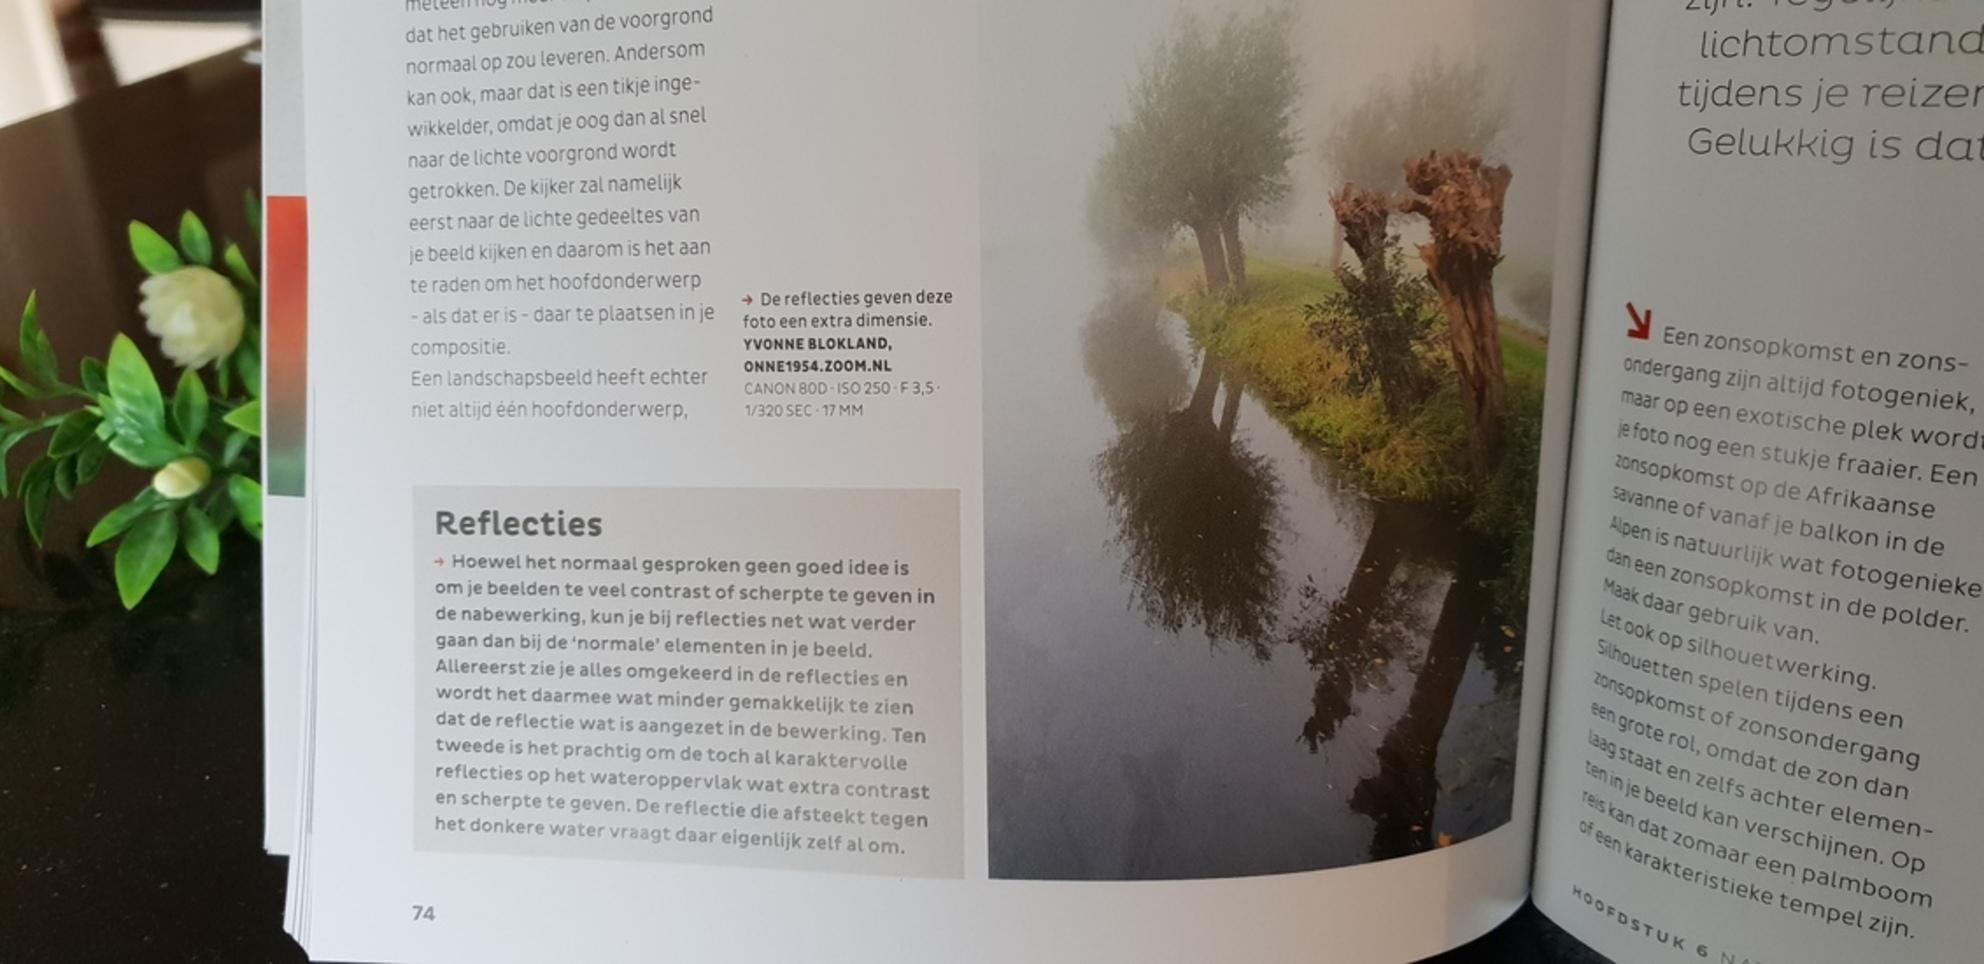 publicatie - zo leuk, mijn foto is opgenomen in een ZOOM PRAKTIJKREEKS boek , t w Natuurlijk licht. Best wel leuk...... - foto door onne1954 op 03-12-2020 - deze foto bevat: kleur, licht, beeld, spiegeling, reflecties, details - Deze foto mag gebruikt worden in een Zoom.nl publicatie